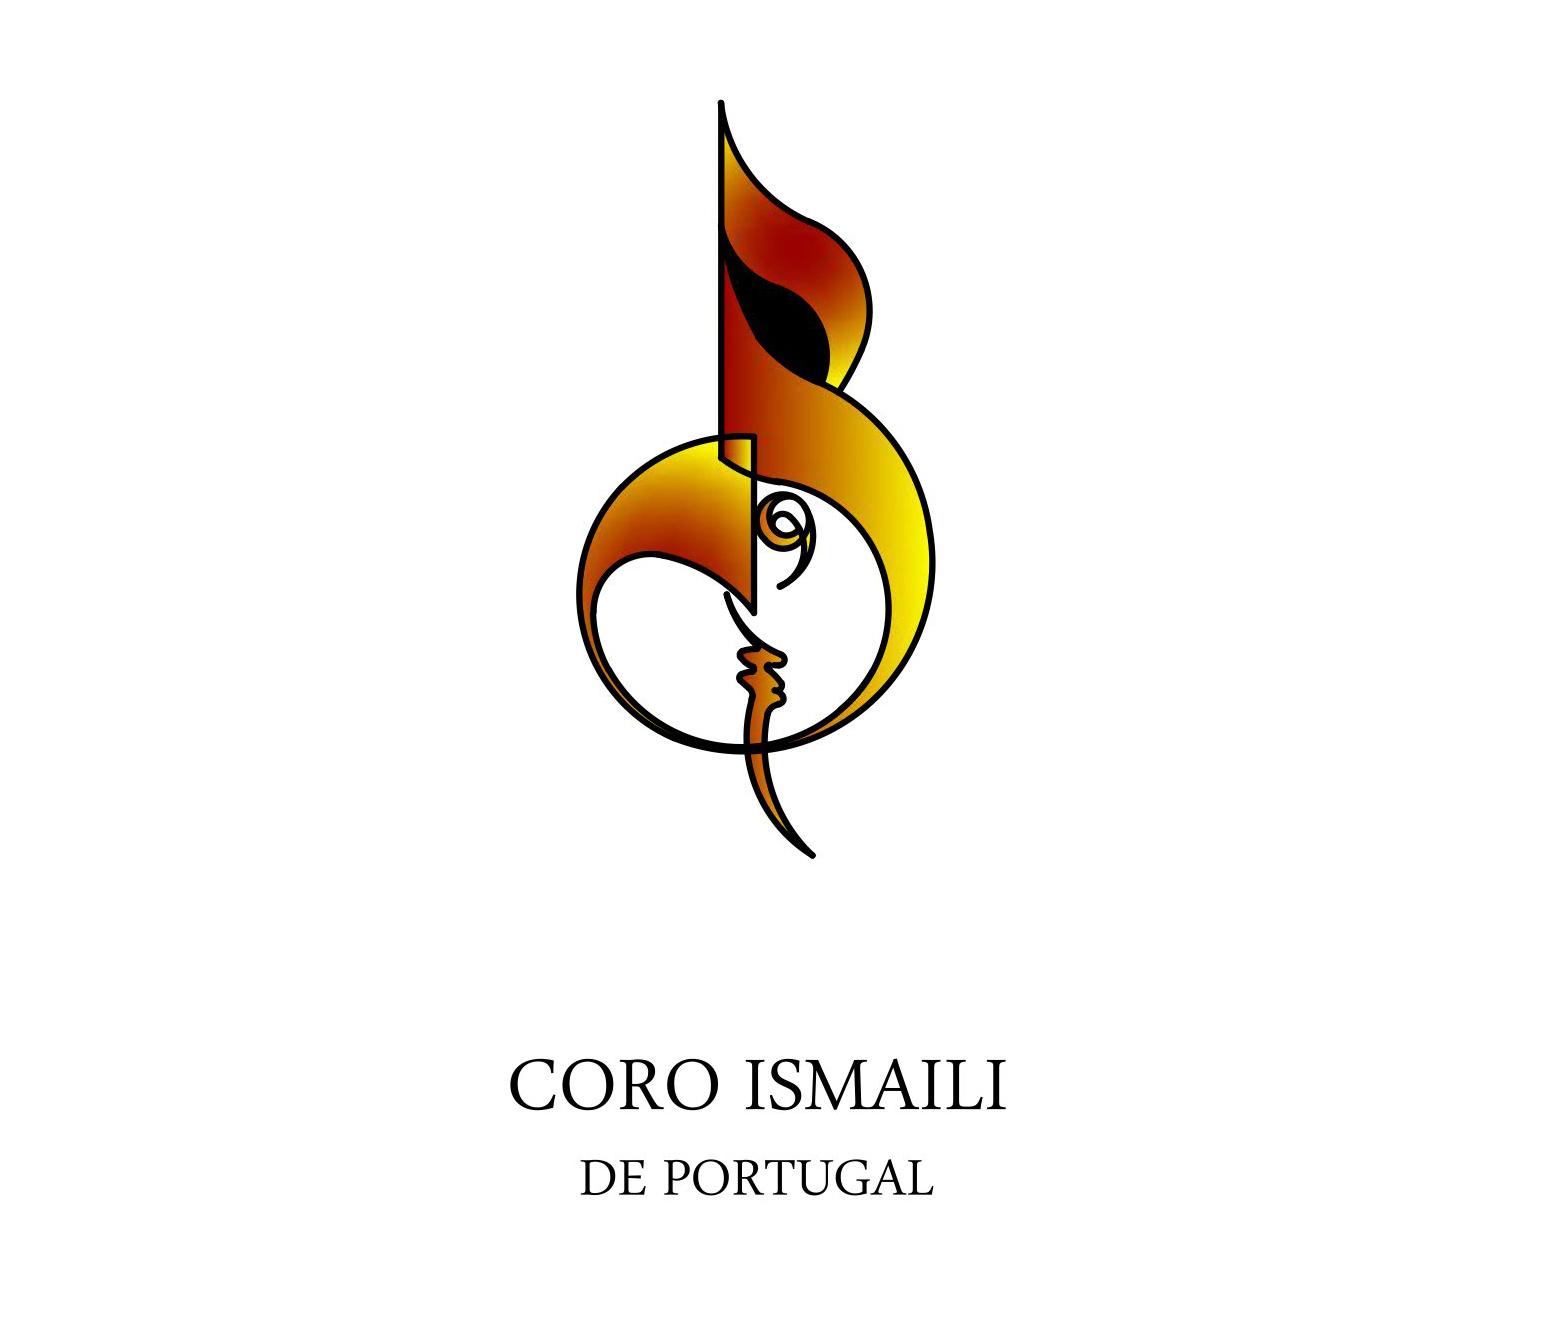 Coro Ismaili de Portugal